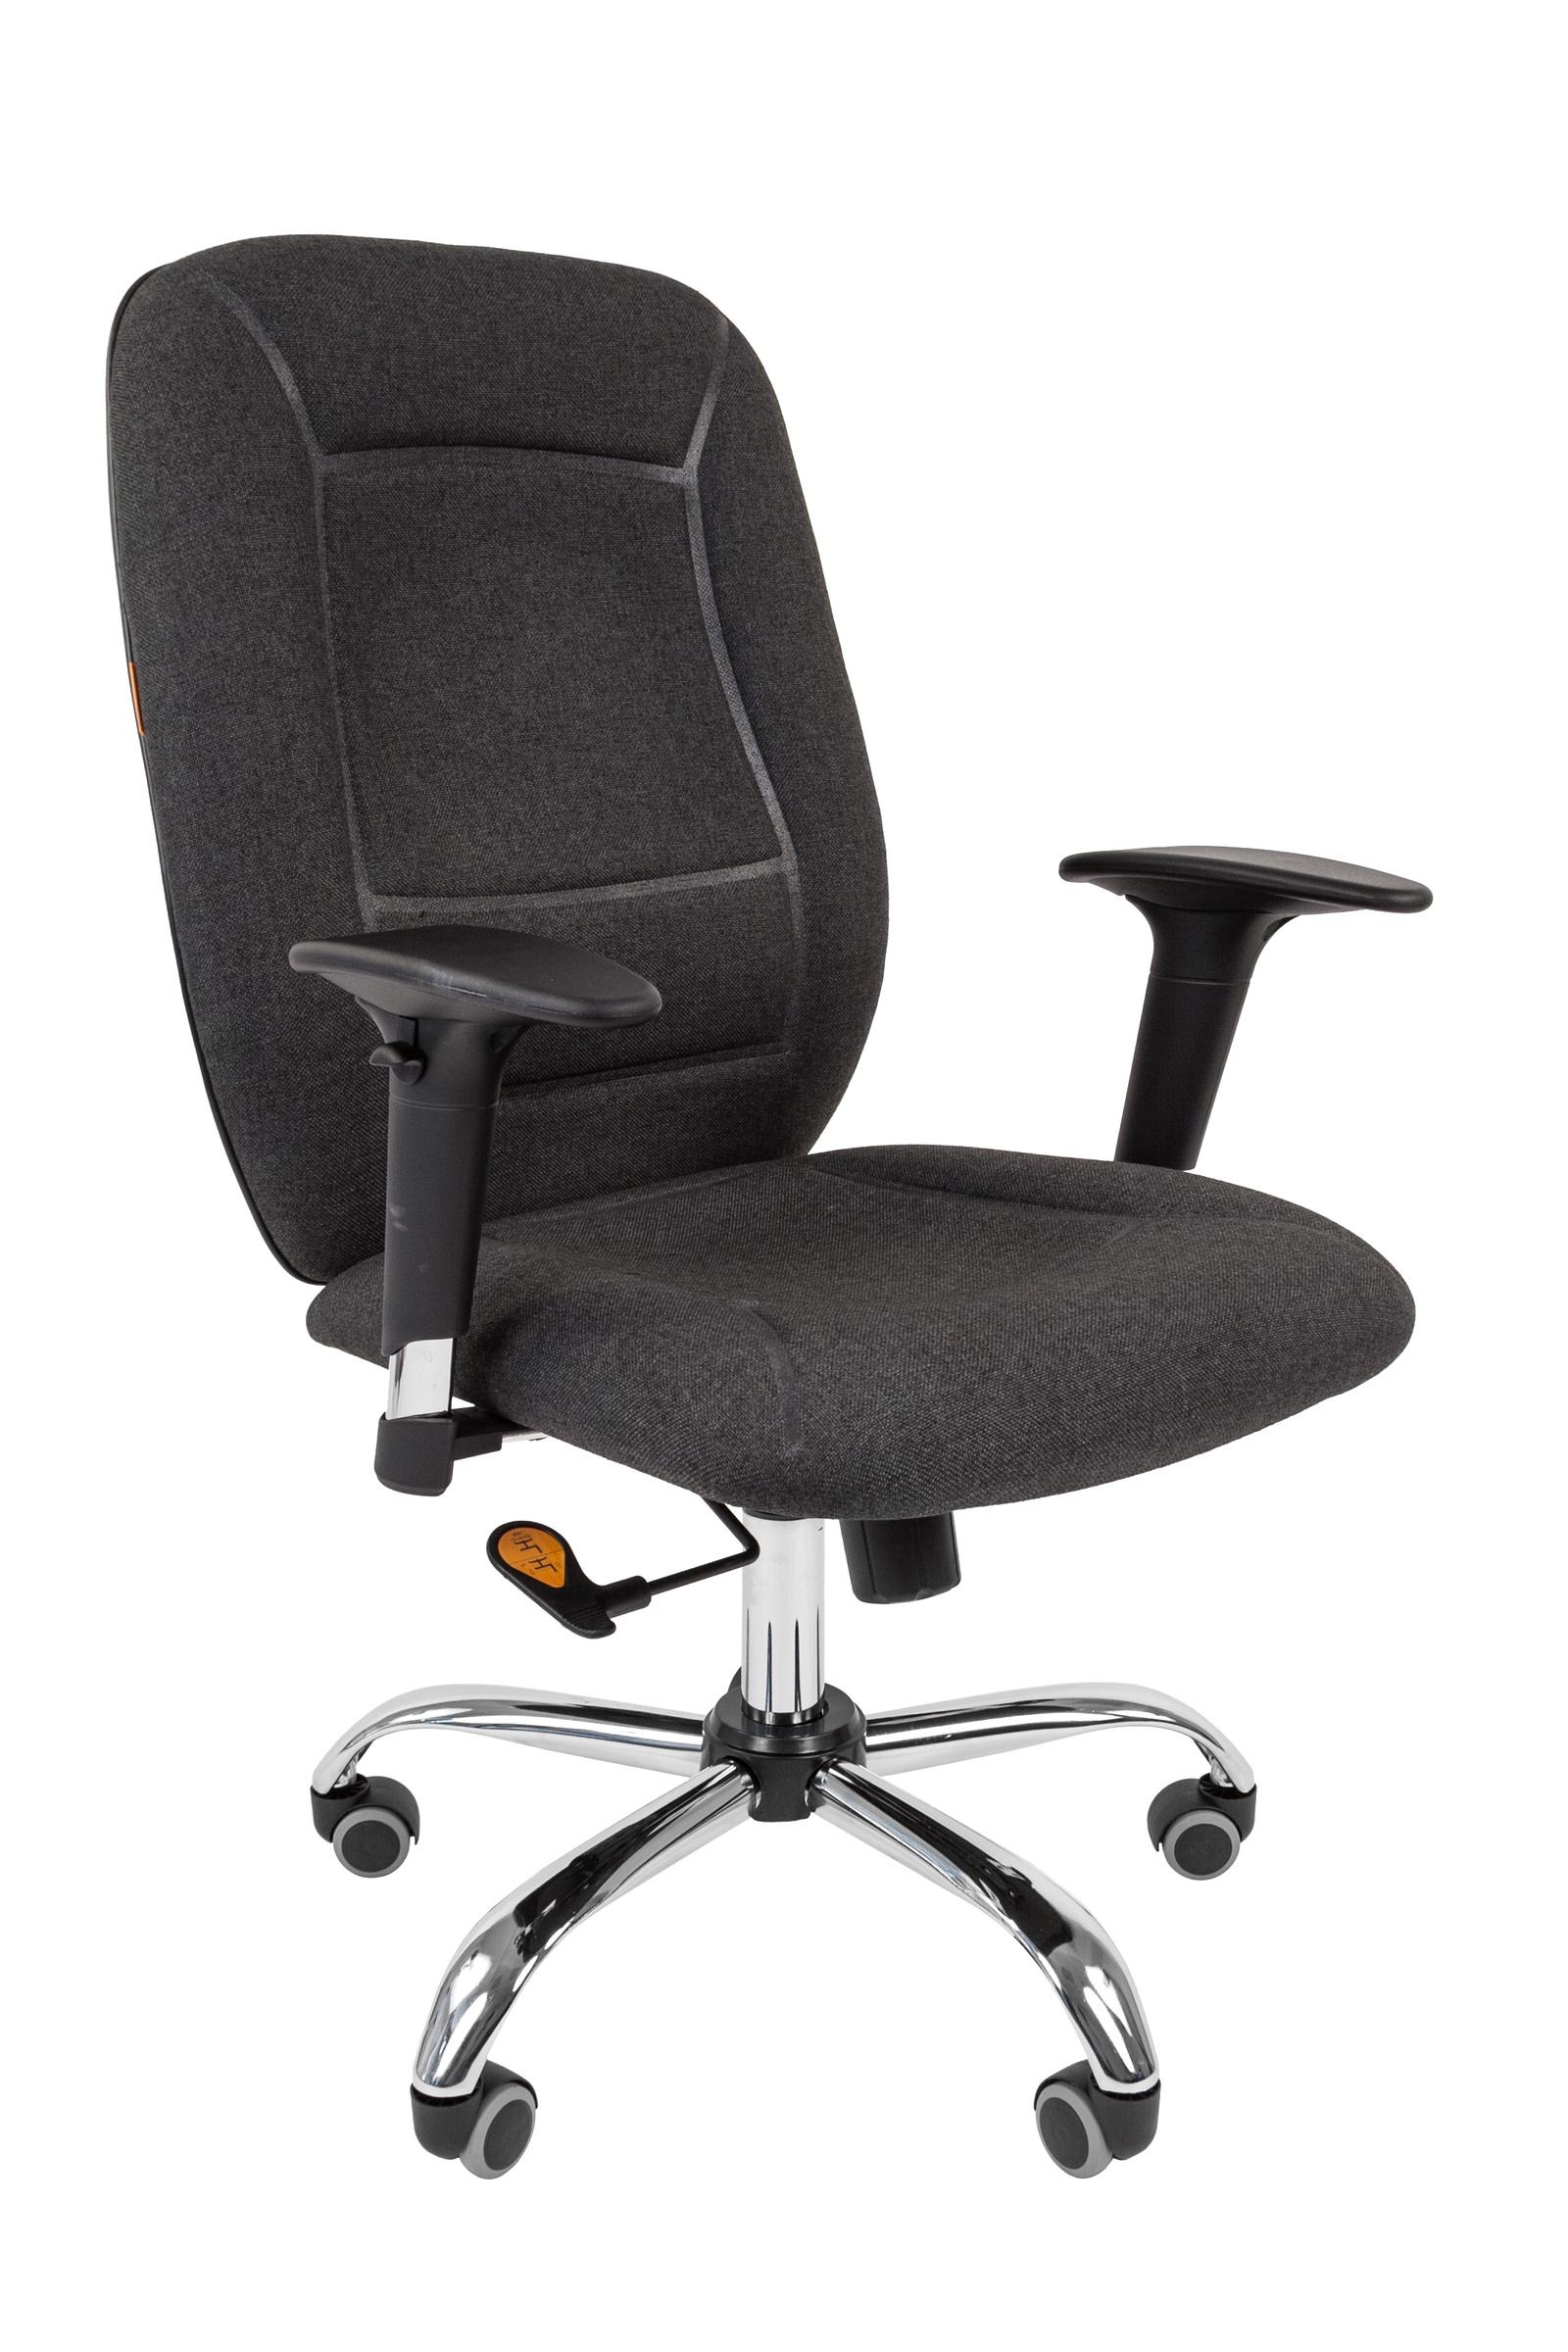 Офисное кресло CHAIRMAN 8887023830Современное операторское кресло абсолютно уникального дизайна. Потрясающая эргономика, объемный рисунок, хромированные элементы и механизм повышенной комфортности. И да, это полностью российская разработка.